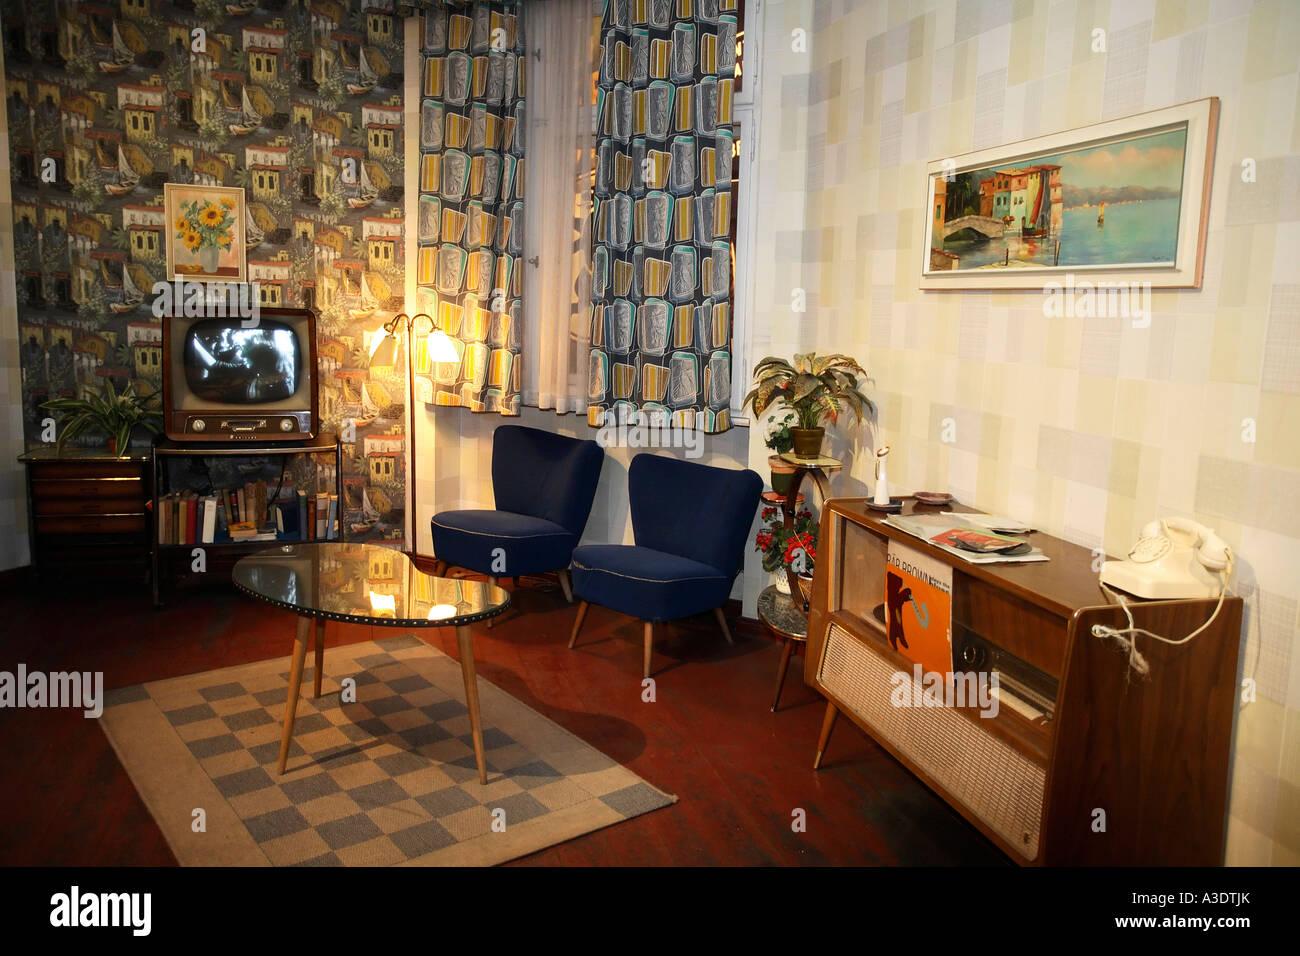 Reproduktion Eines Typischen West Deutschen Wohnzimmer Aus Den 50er